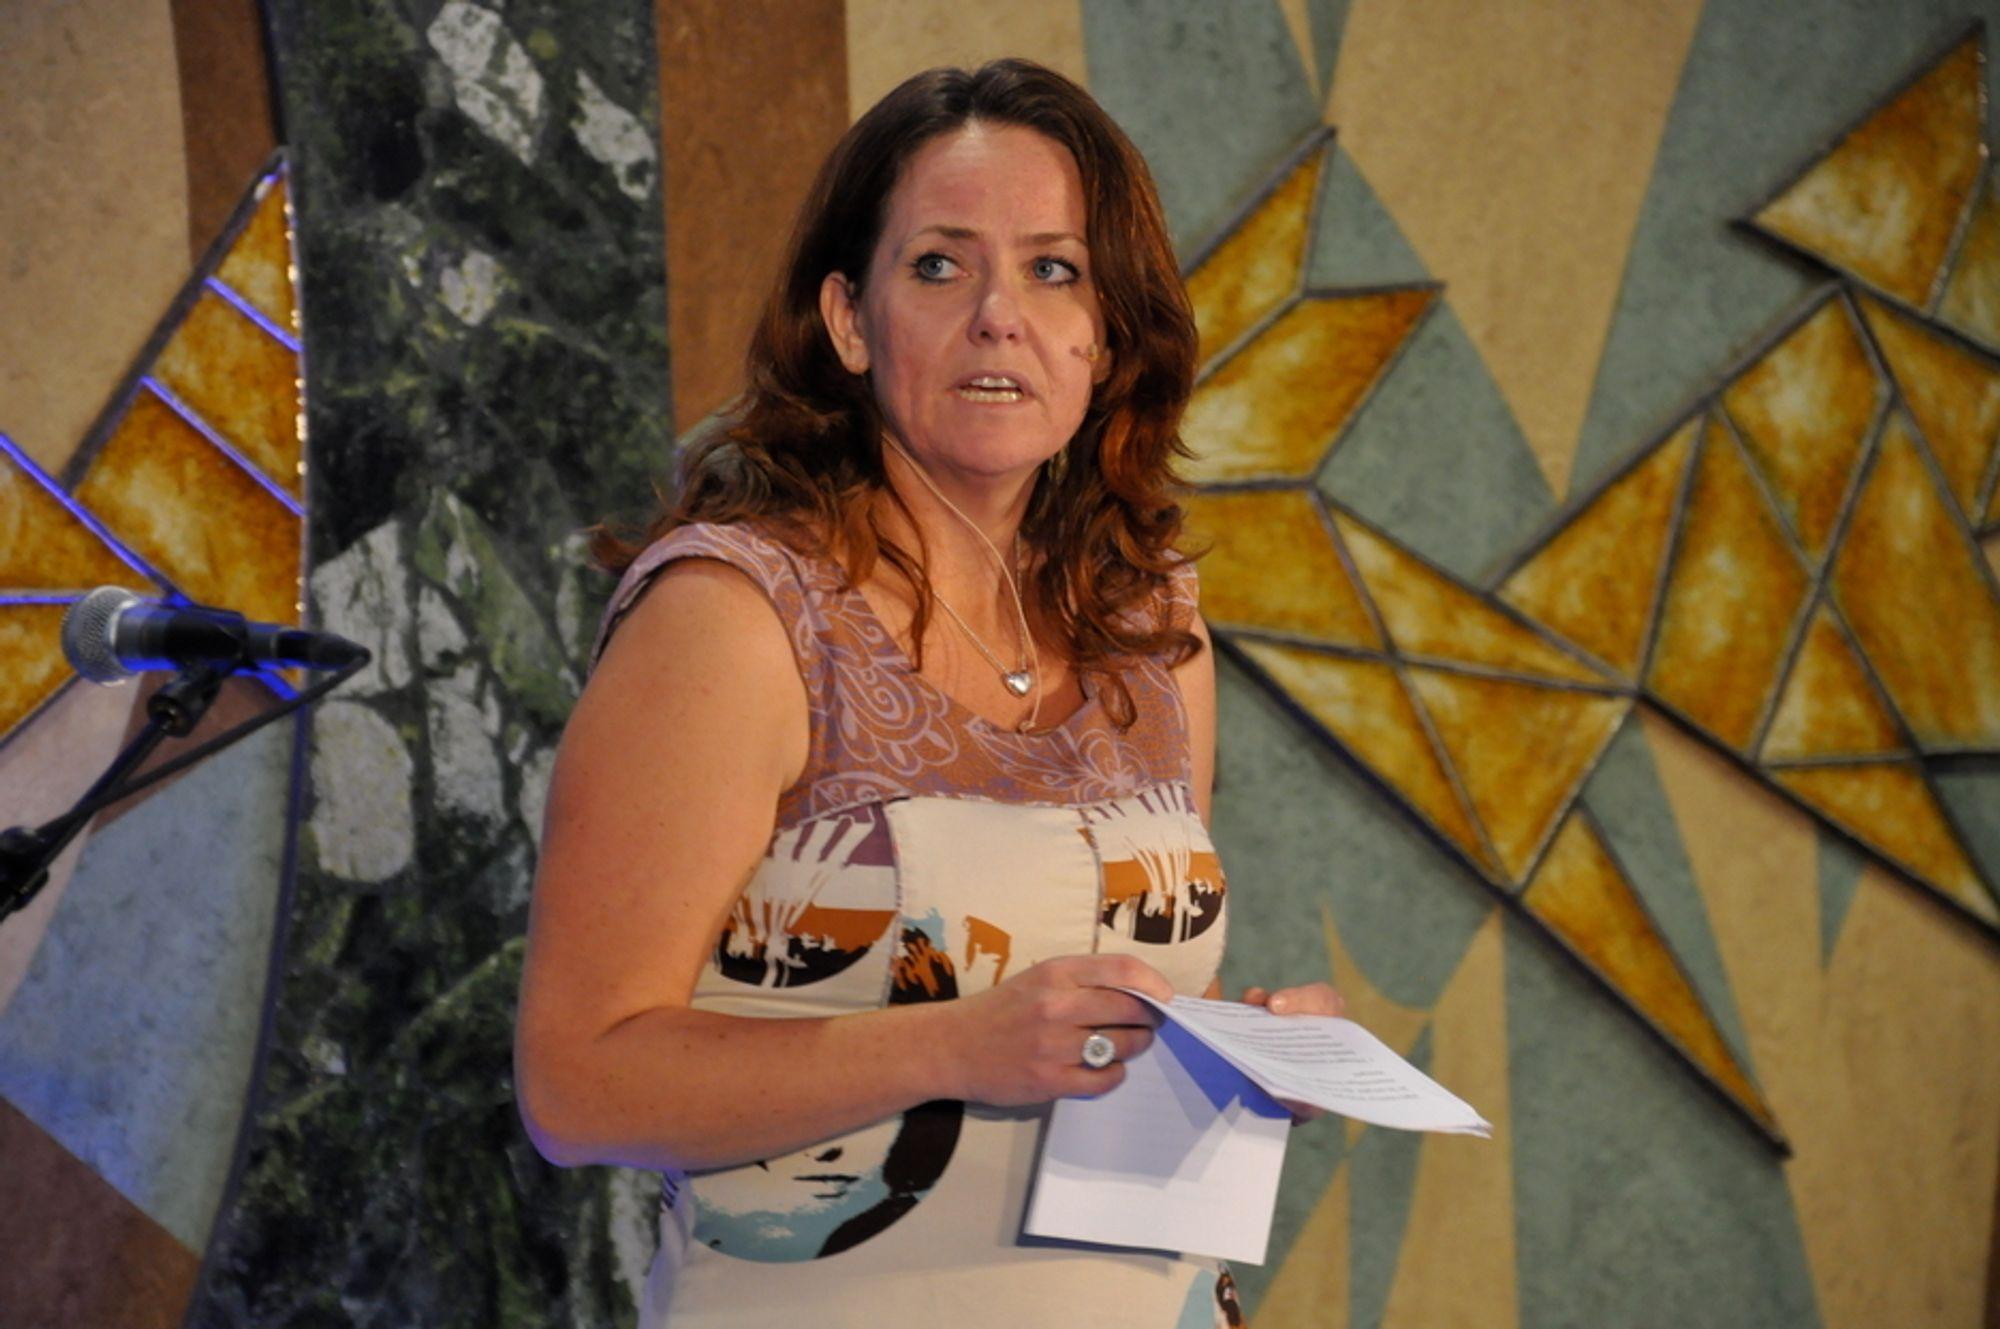 KAMUFLASJEKJOLE: Kjolen til statssekretær Heidi Sørensen (SV) i Miljøverndepartementet, gikk omtrent i ett med veggdekorasjonene bak henne.